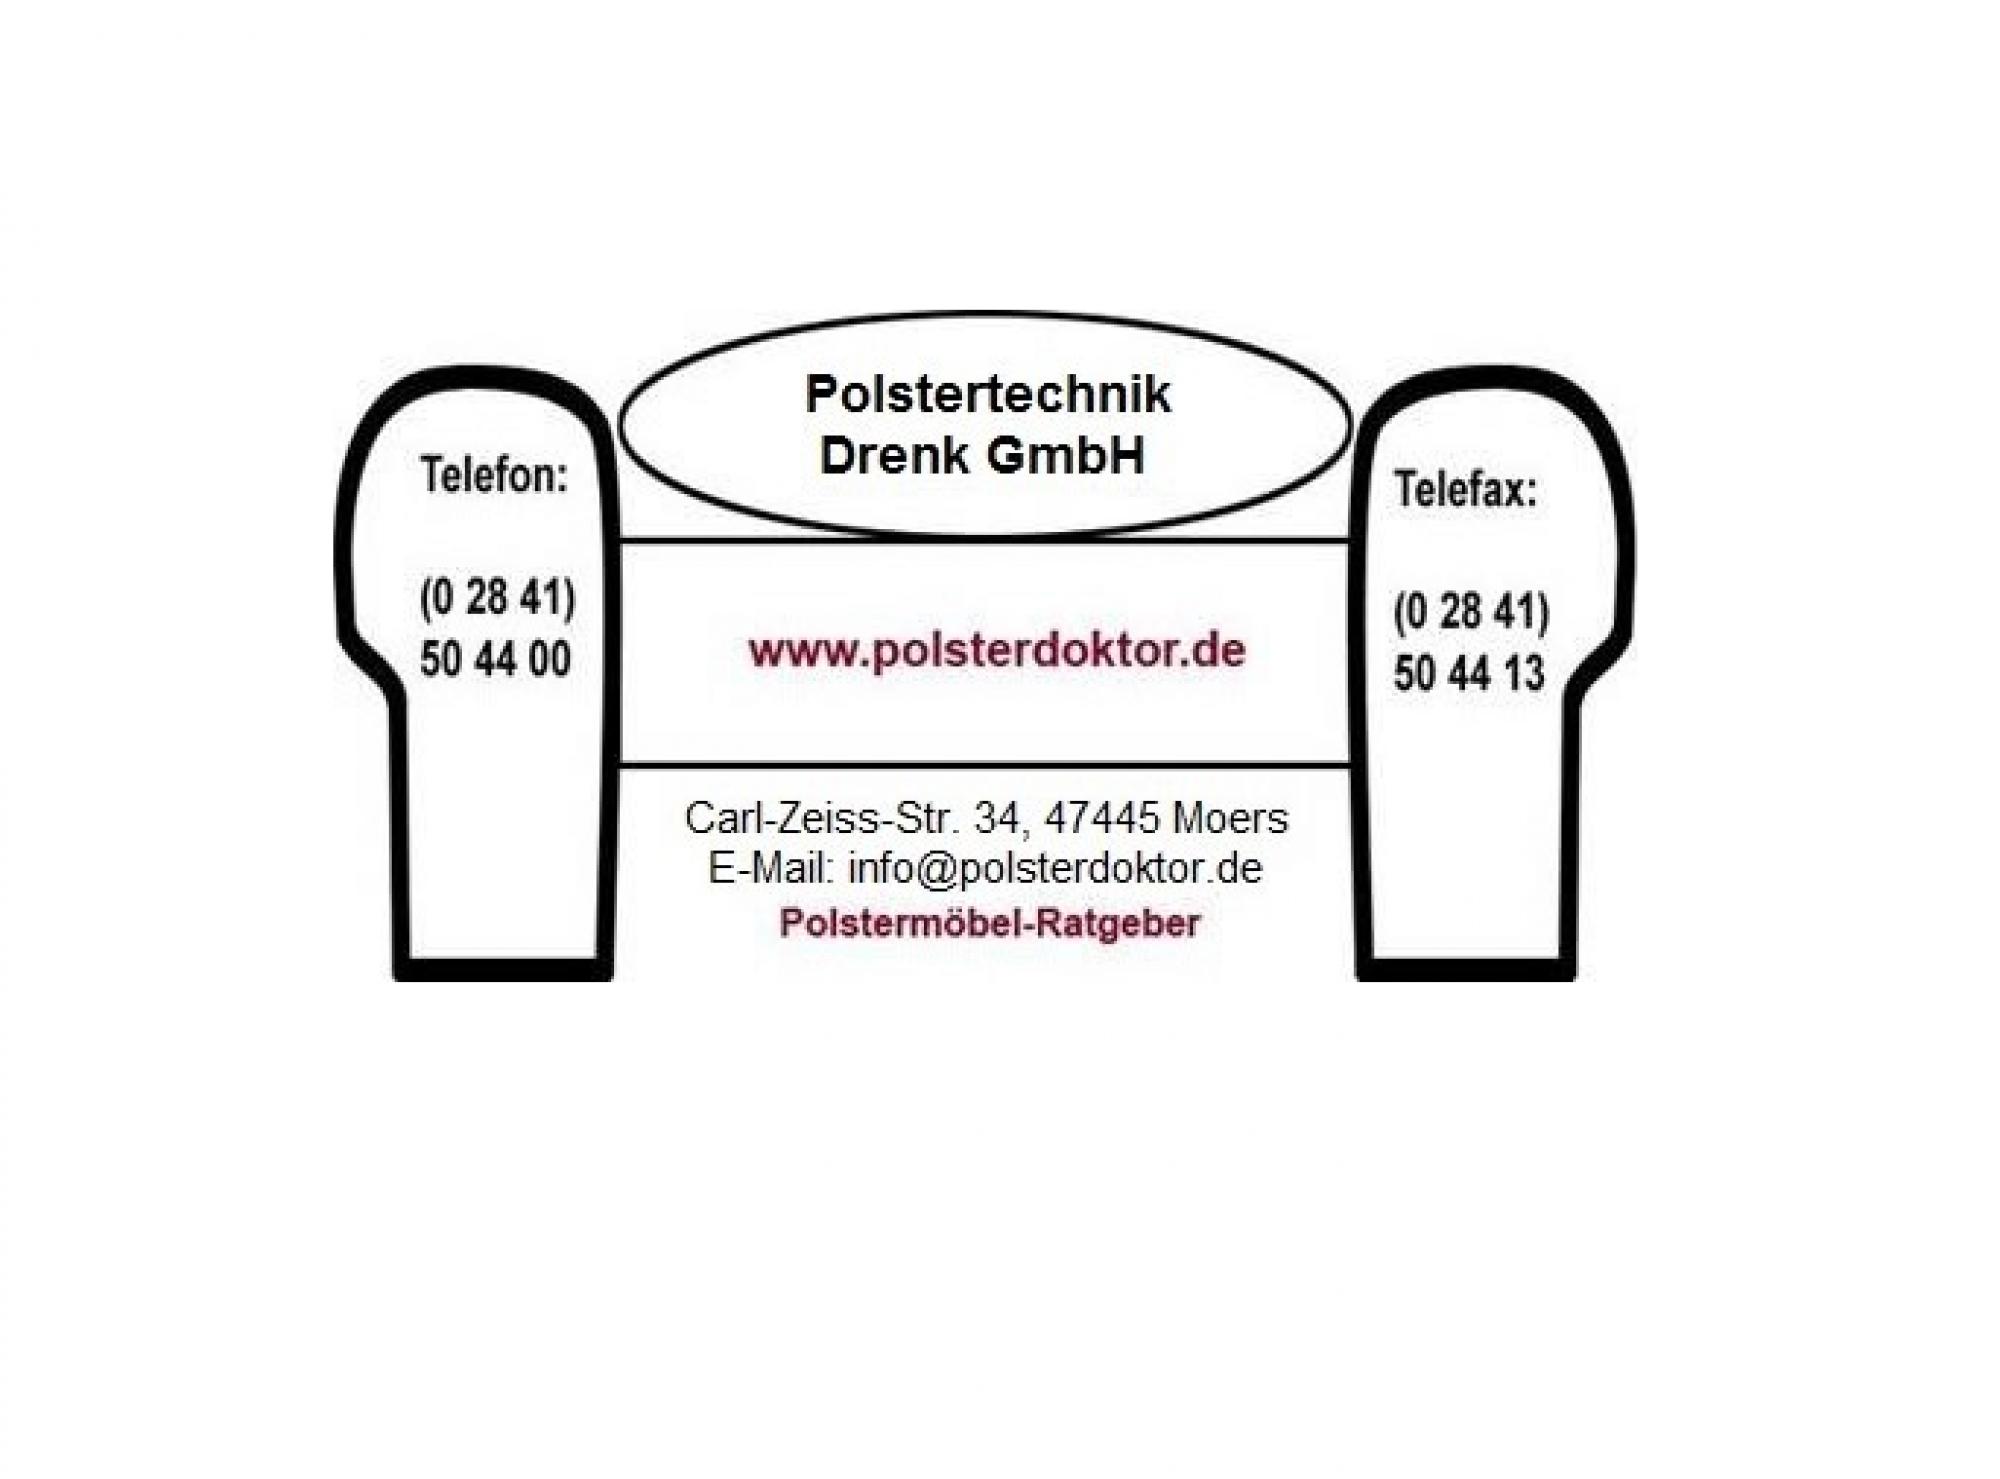 Polstertechnik Drenk GmbH